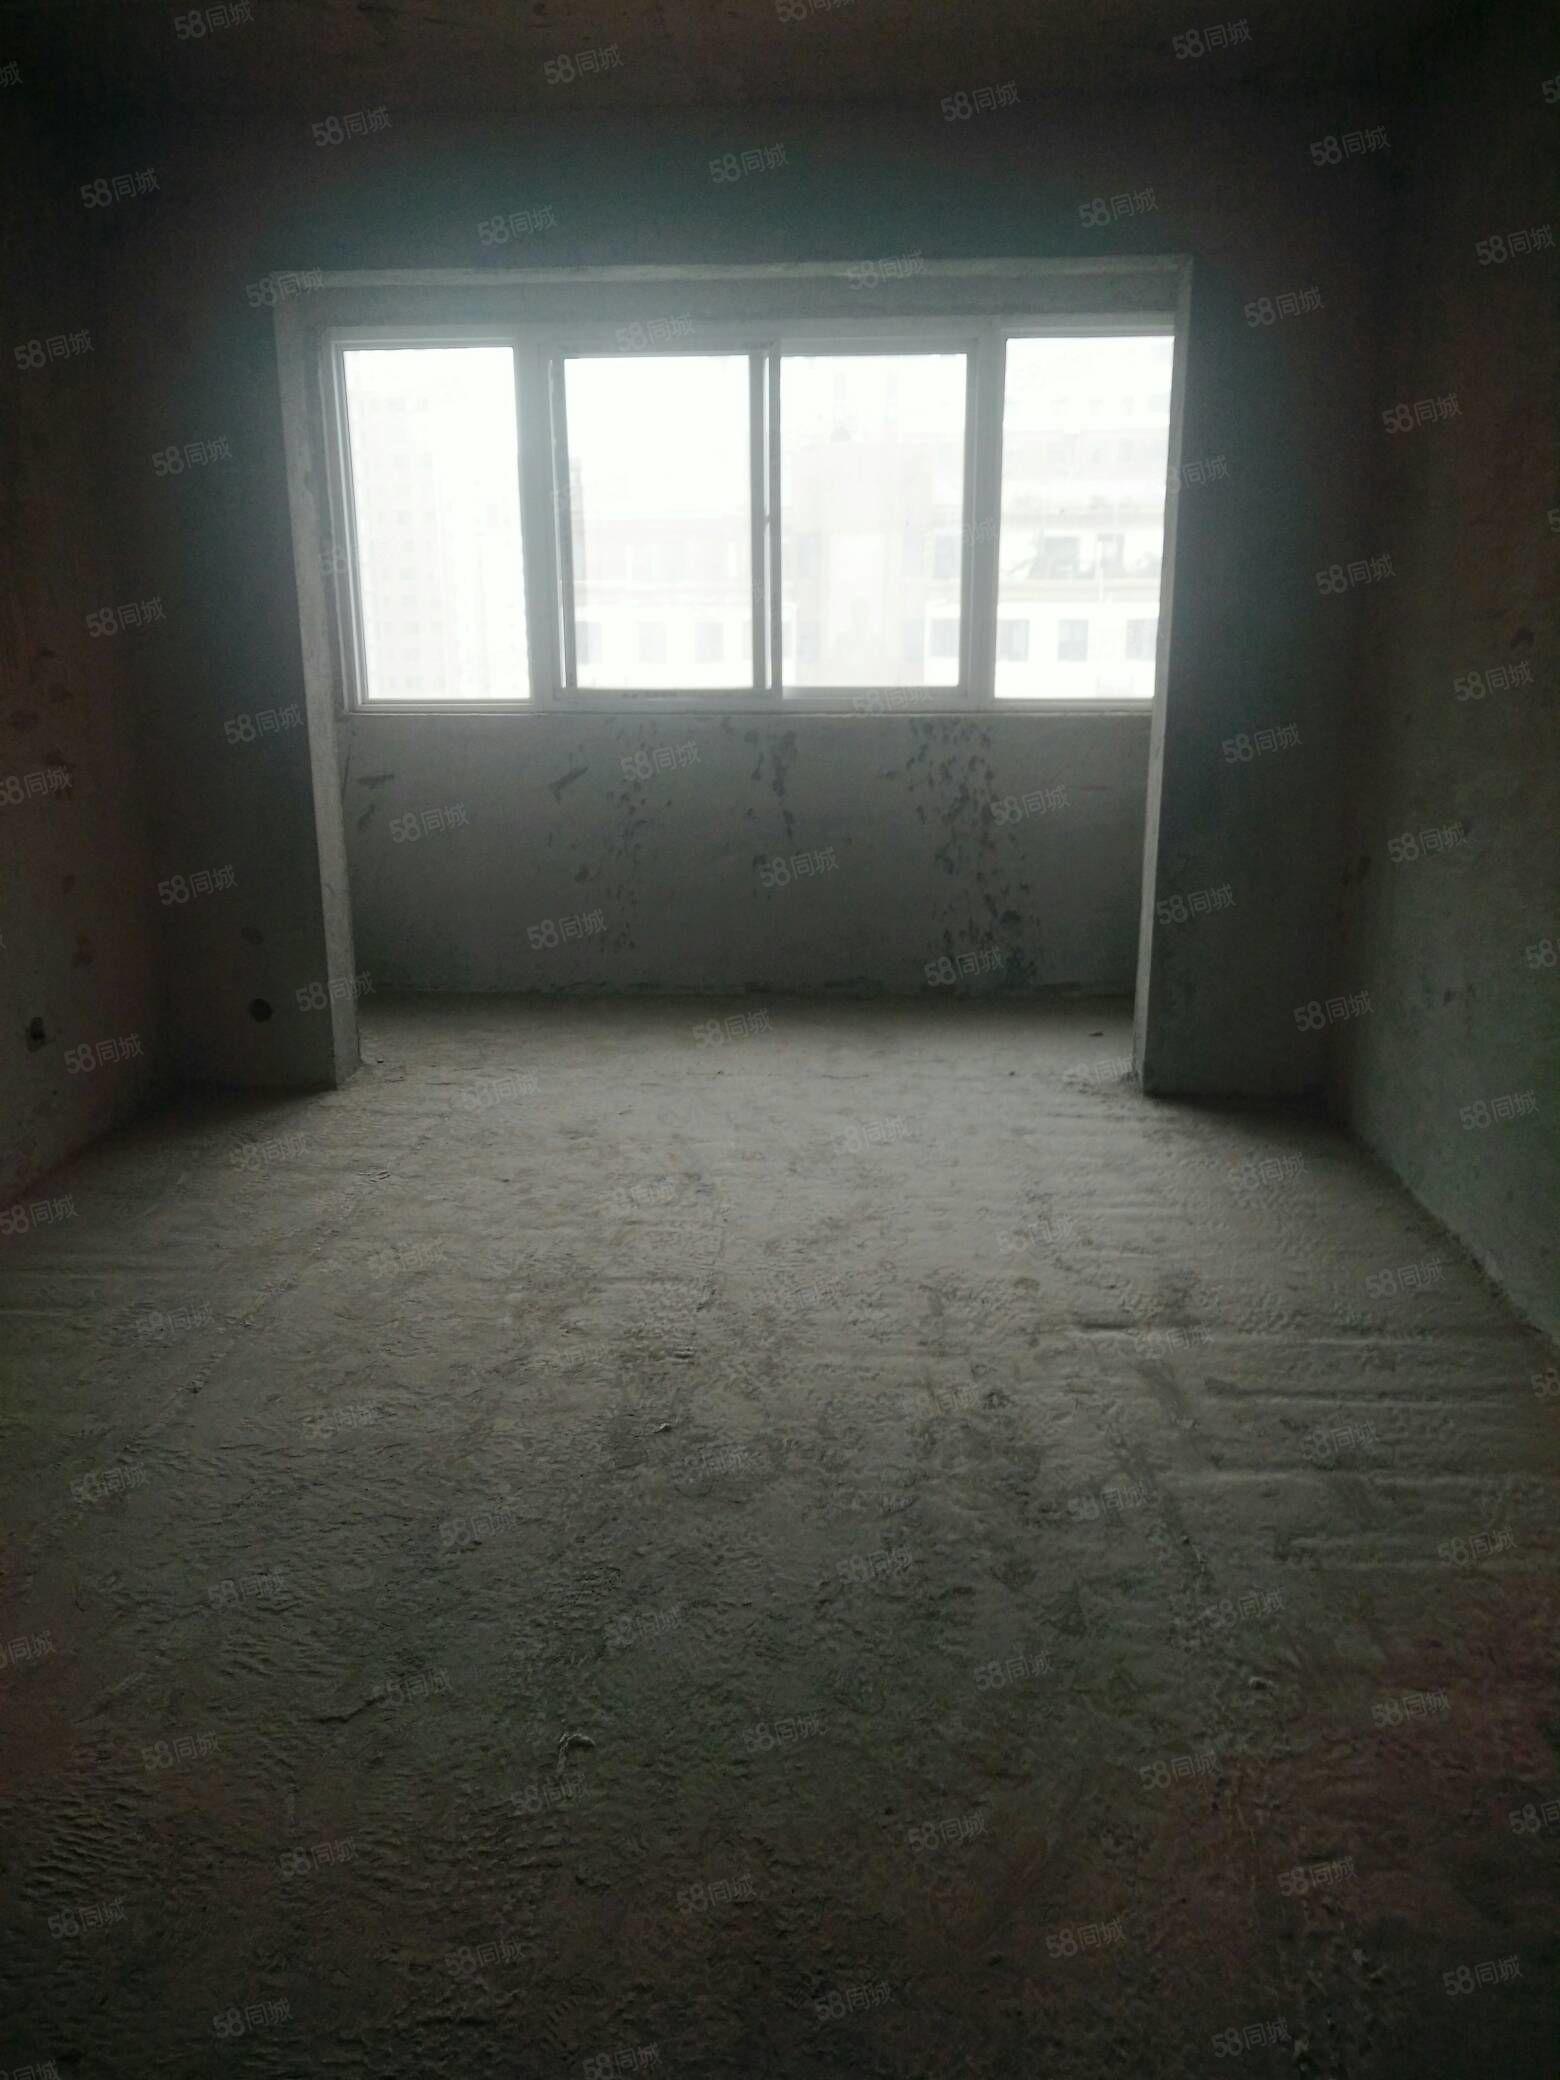 天韵阁12楼毛坯三室两厅两卫马上下证